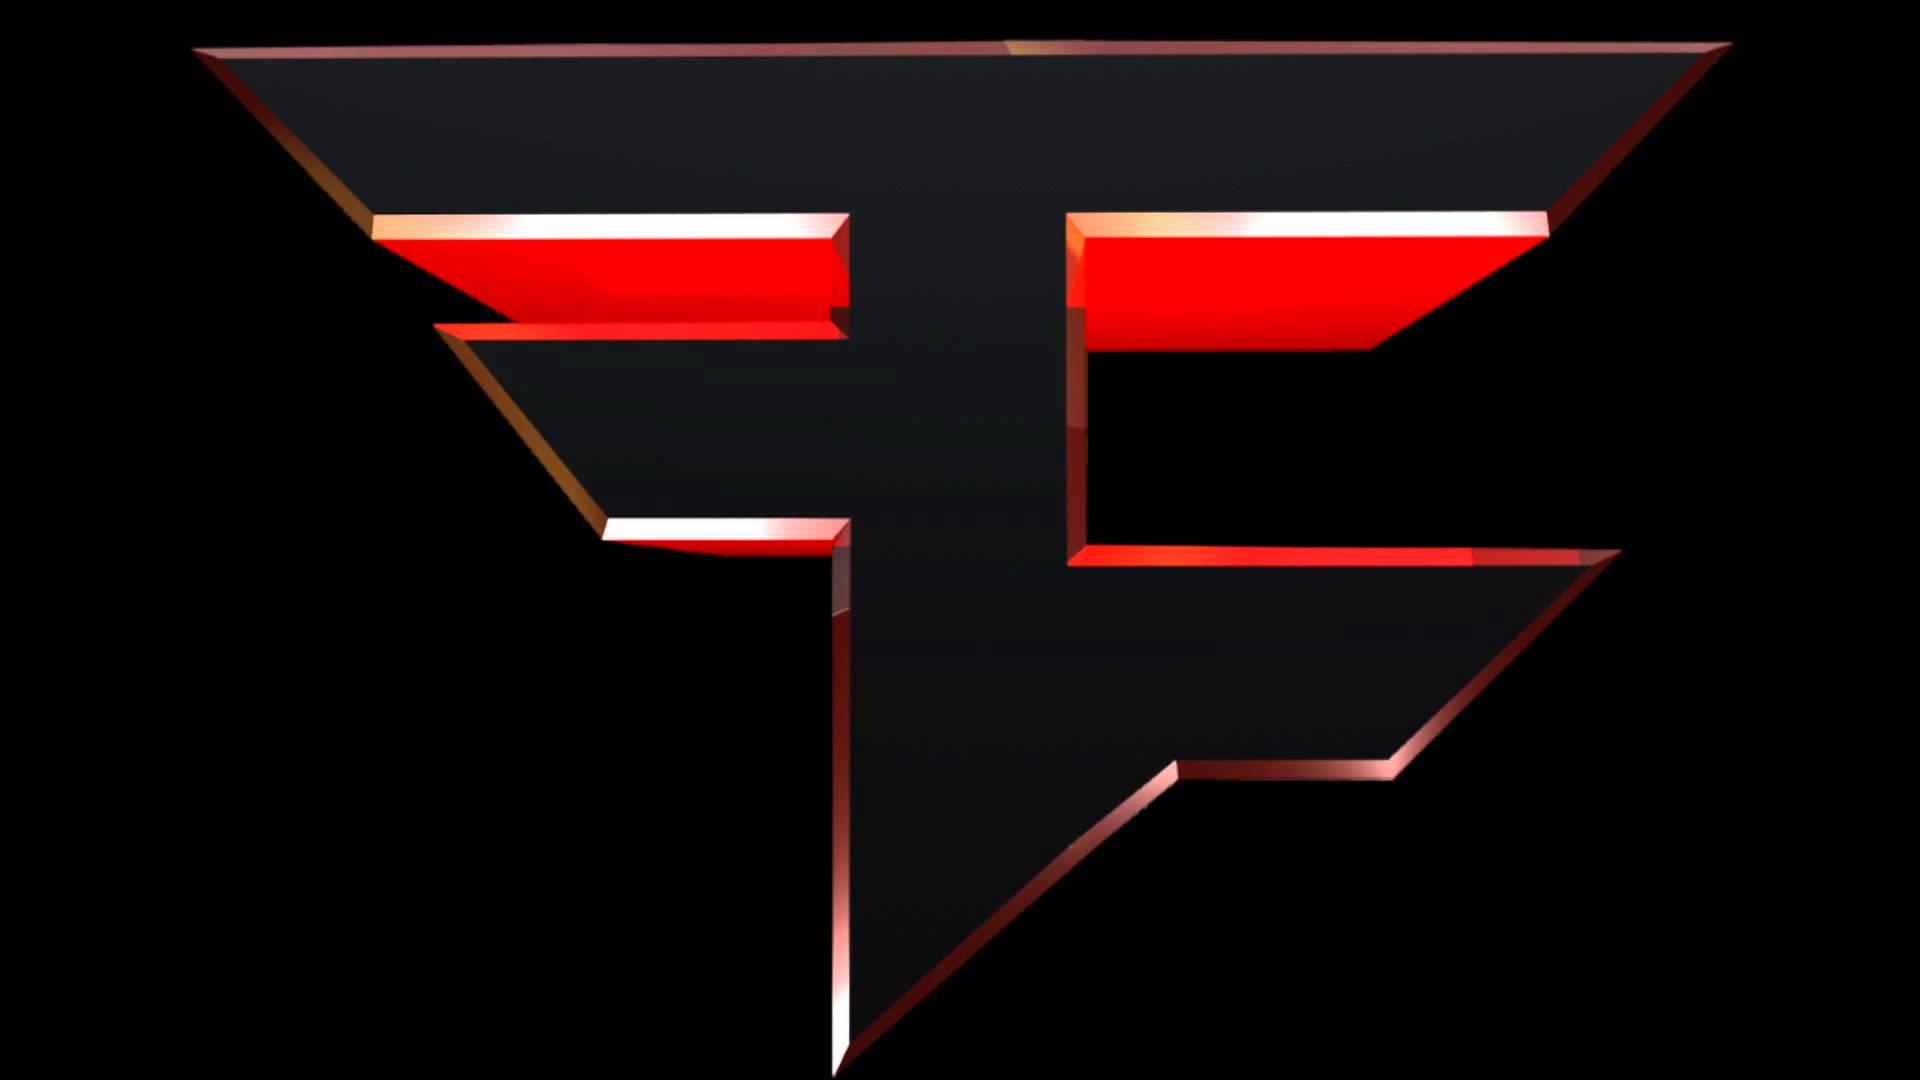 faze logo wallpaper wallpapersafari Gaming Clan Symbols Gaming Clan Symbols